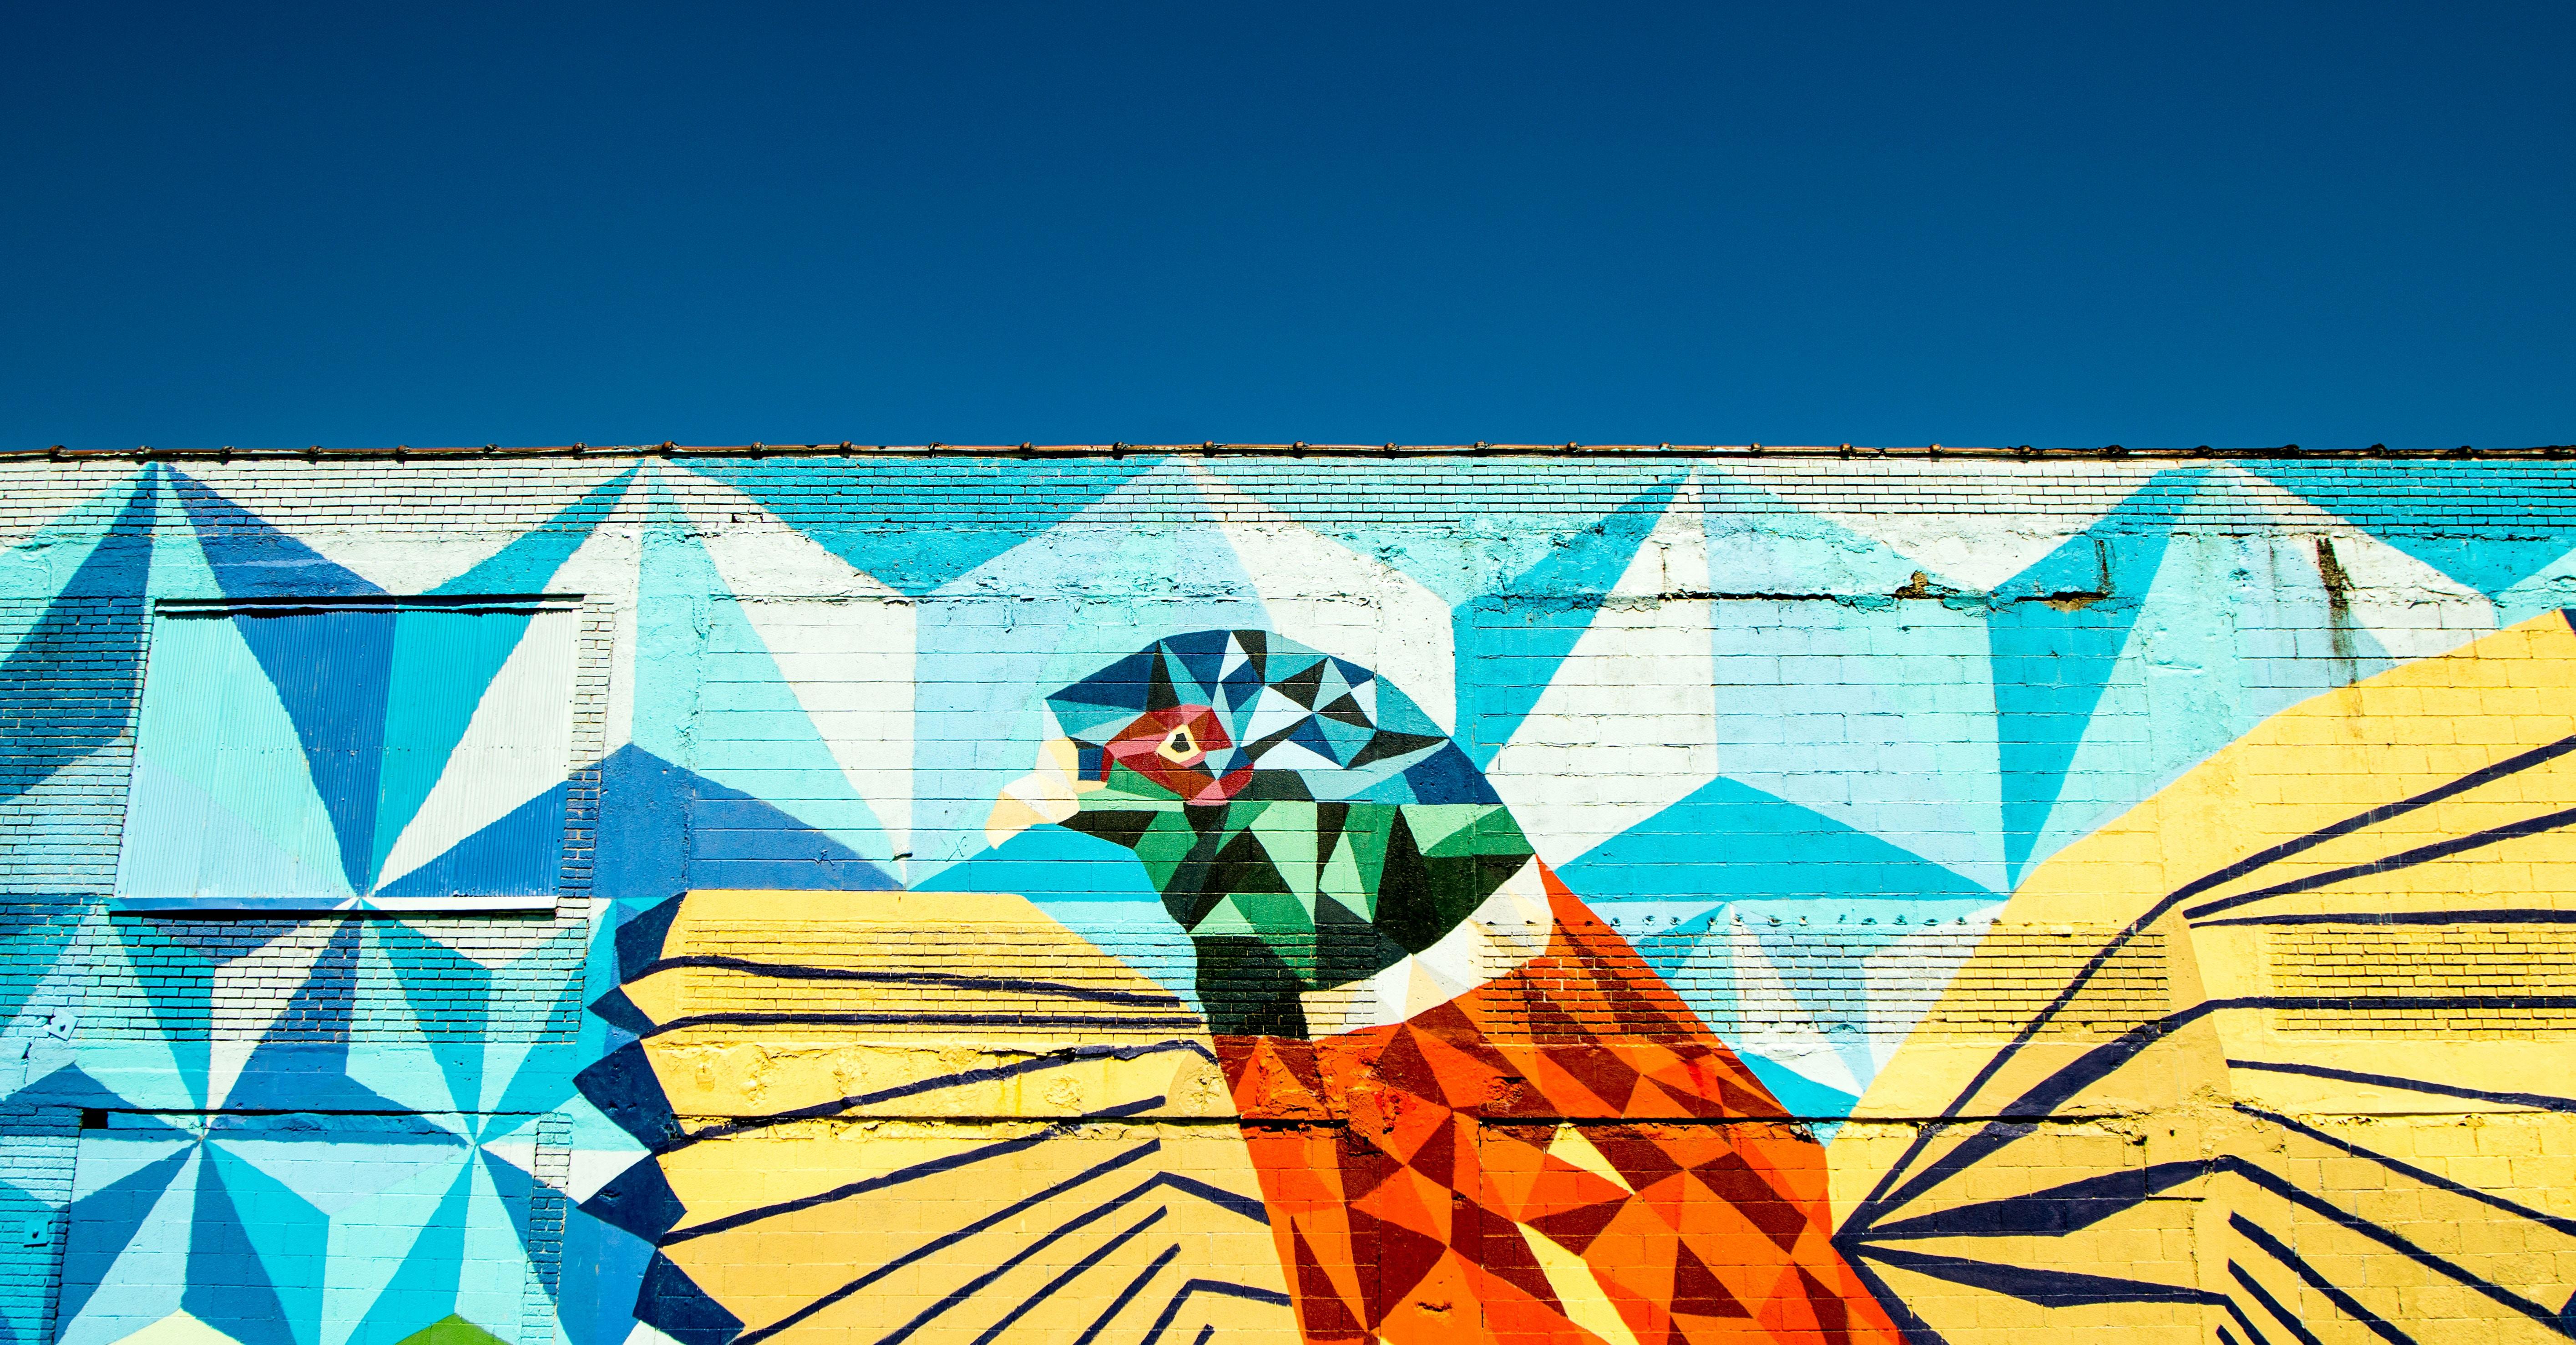 bird mural during daytime